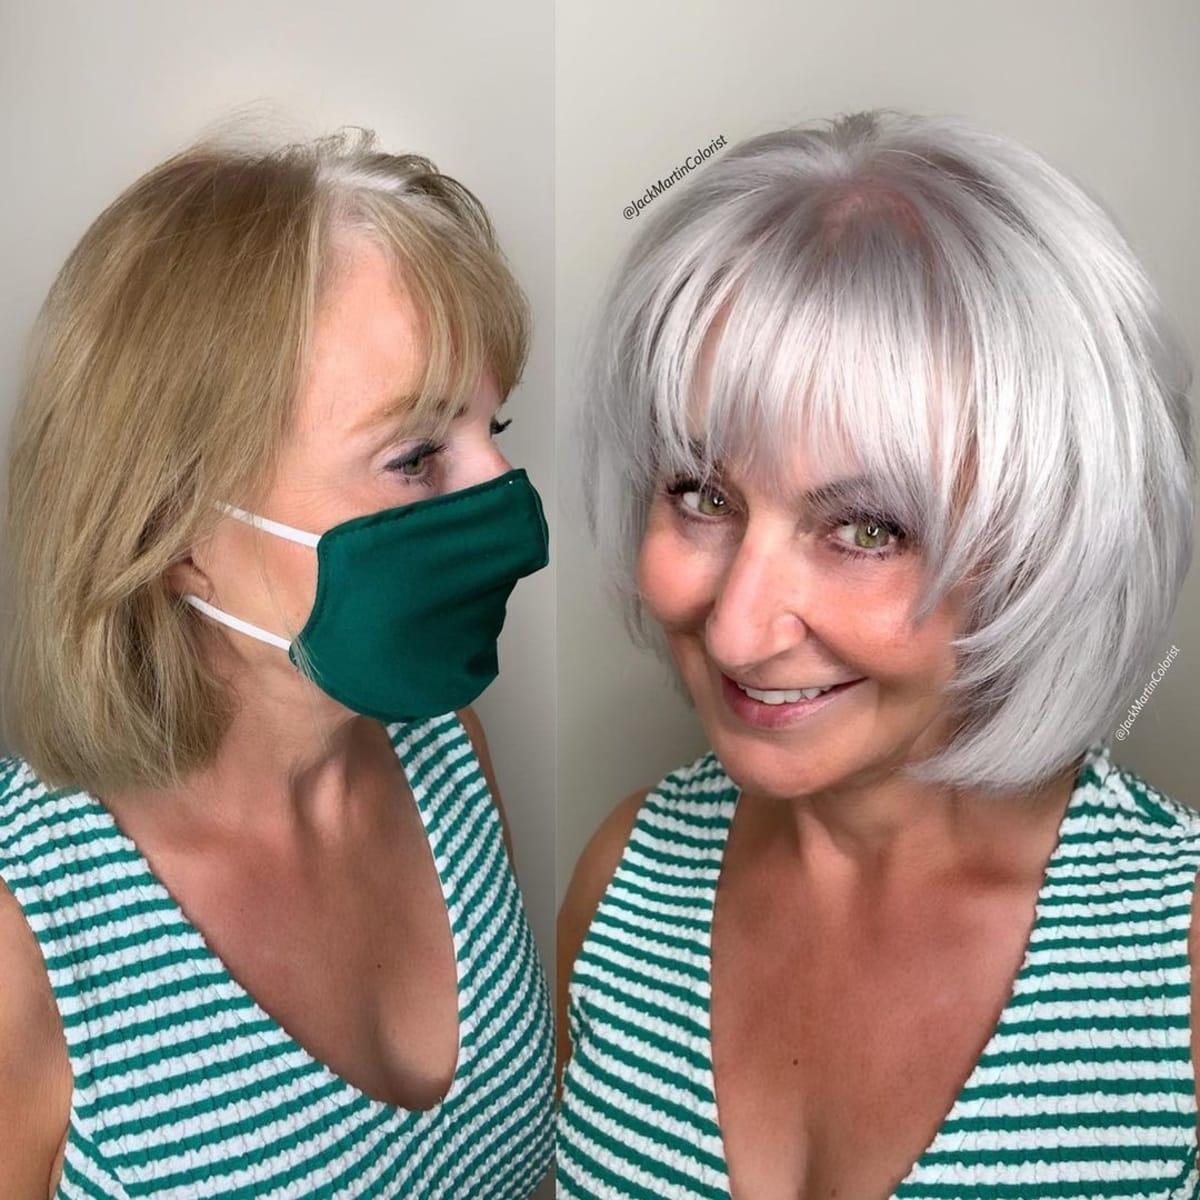 Shag court et dégradé pour les femmes de plus de 50 ans avec des cheveux gris épais.